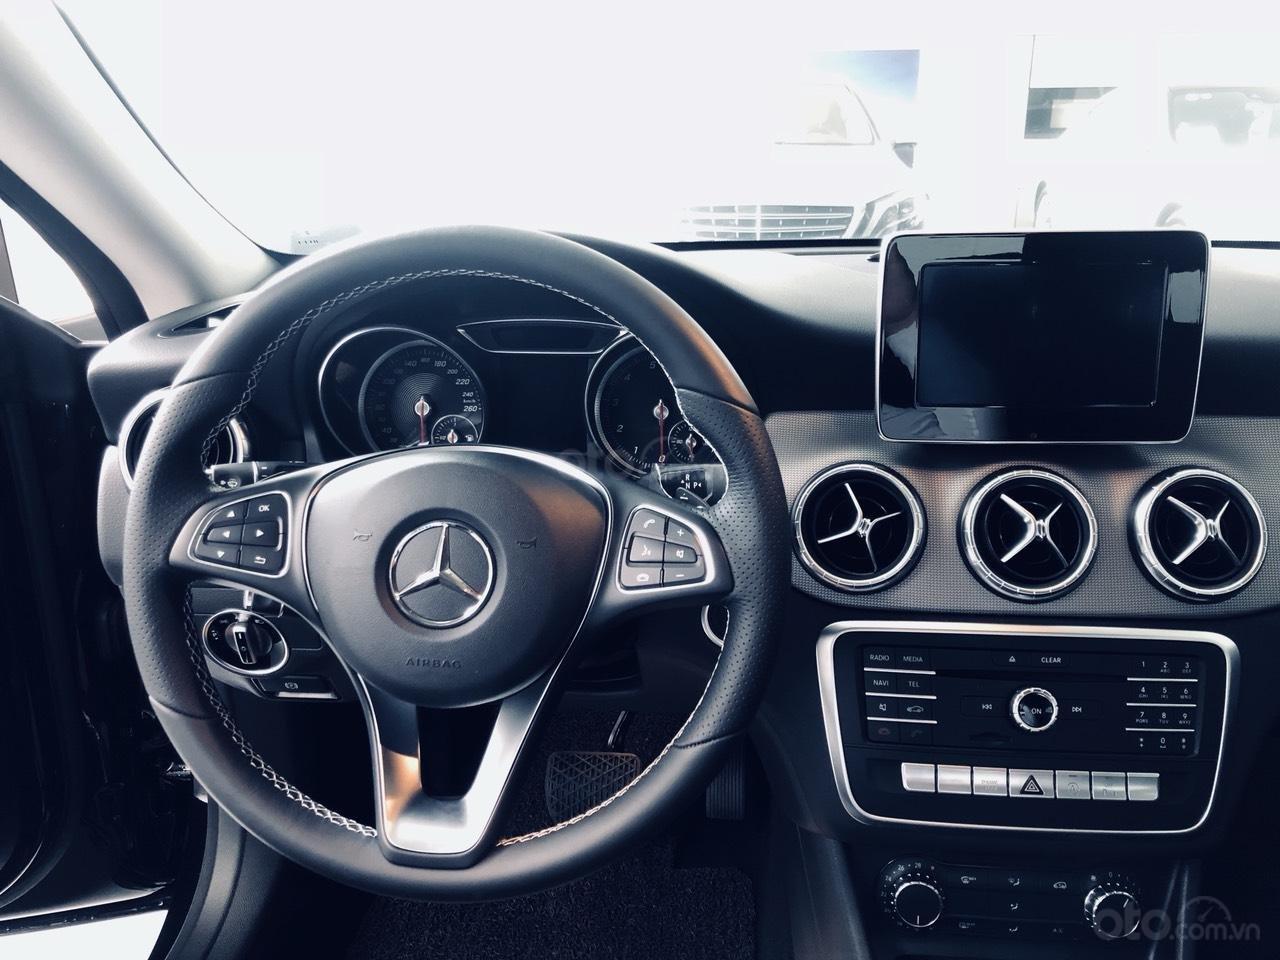 Mercedes CLA 200 chính hãng, màu đen, nội thất đen. Xe nhập khẩu Châu Âu, mới 99% (3)